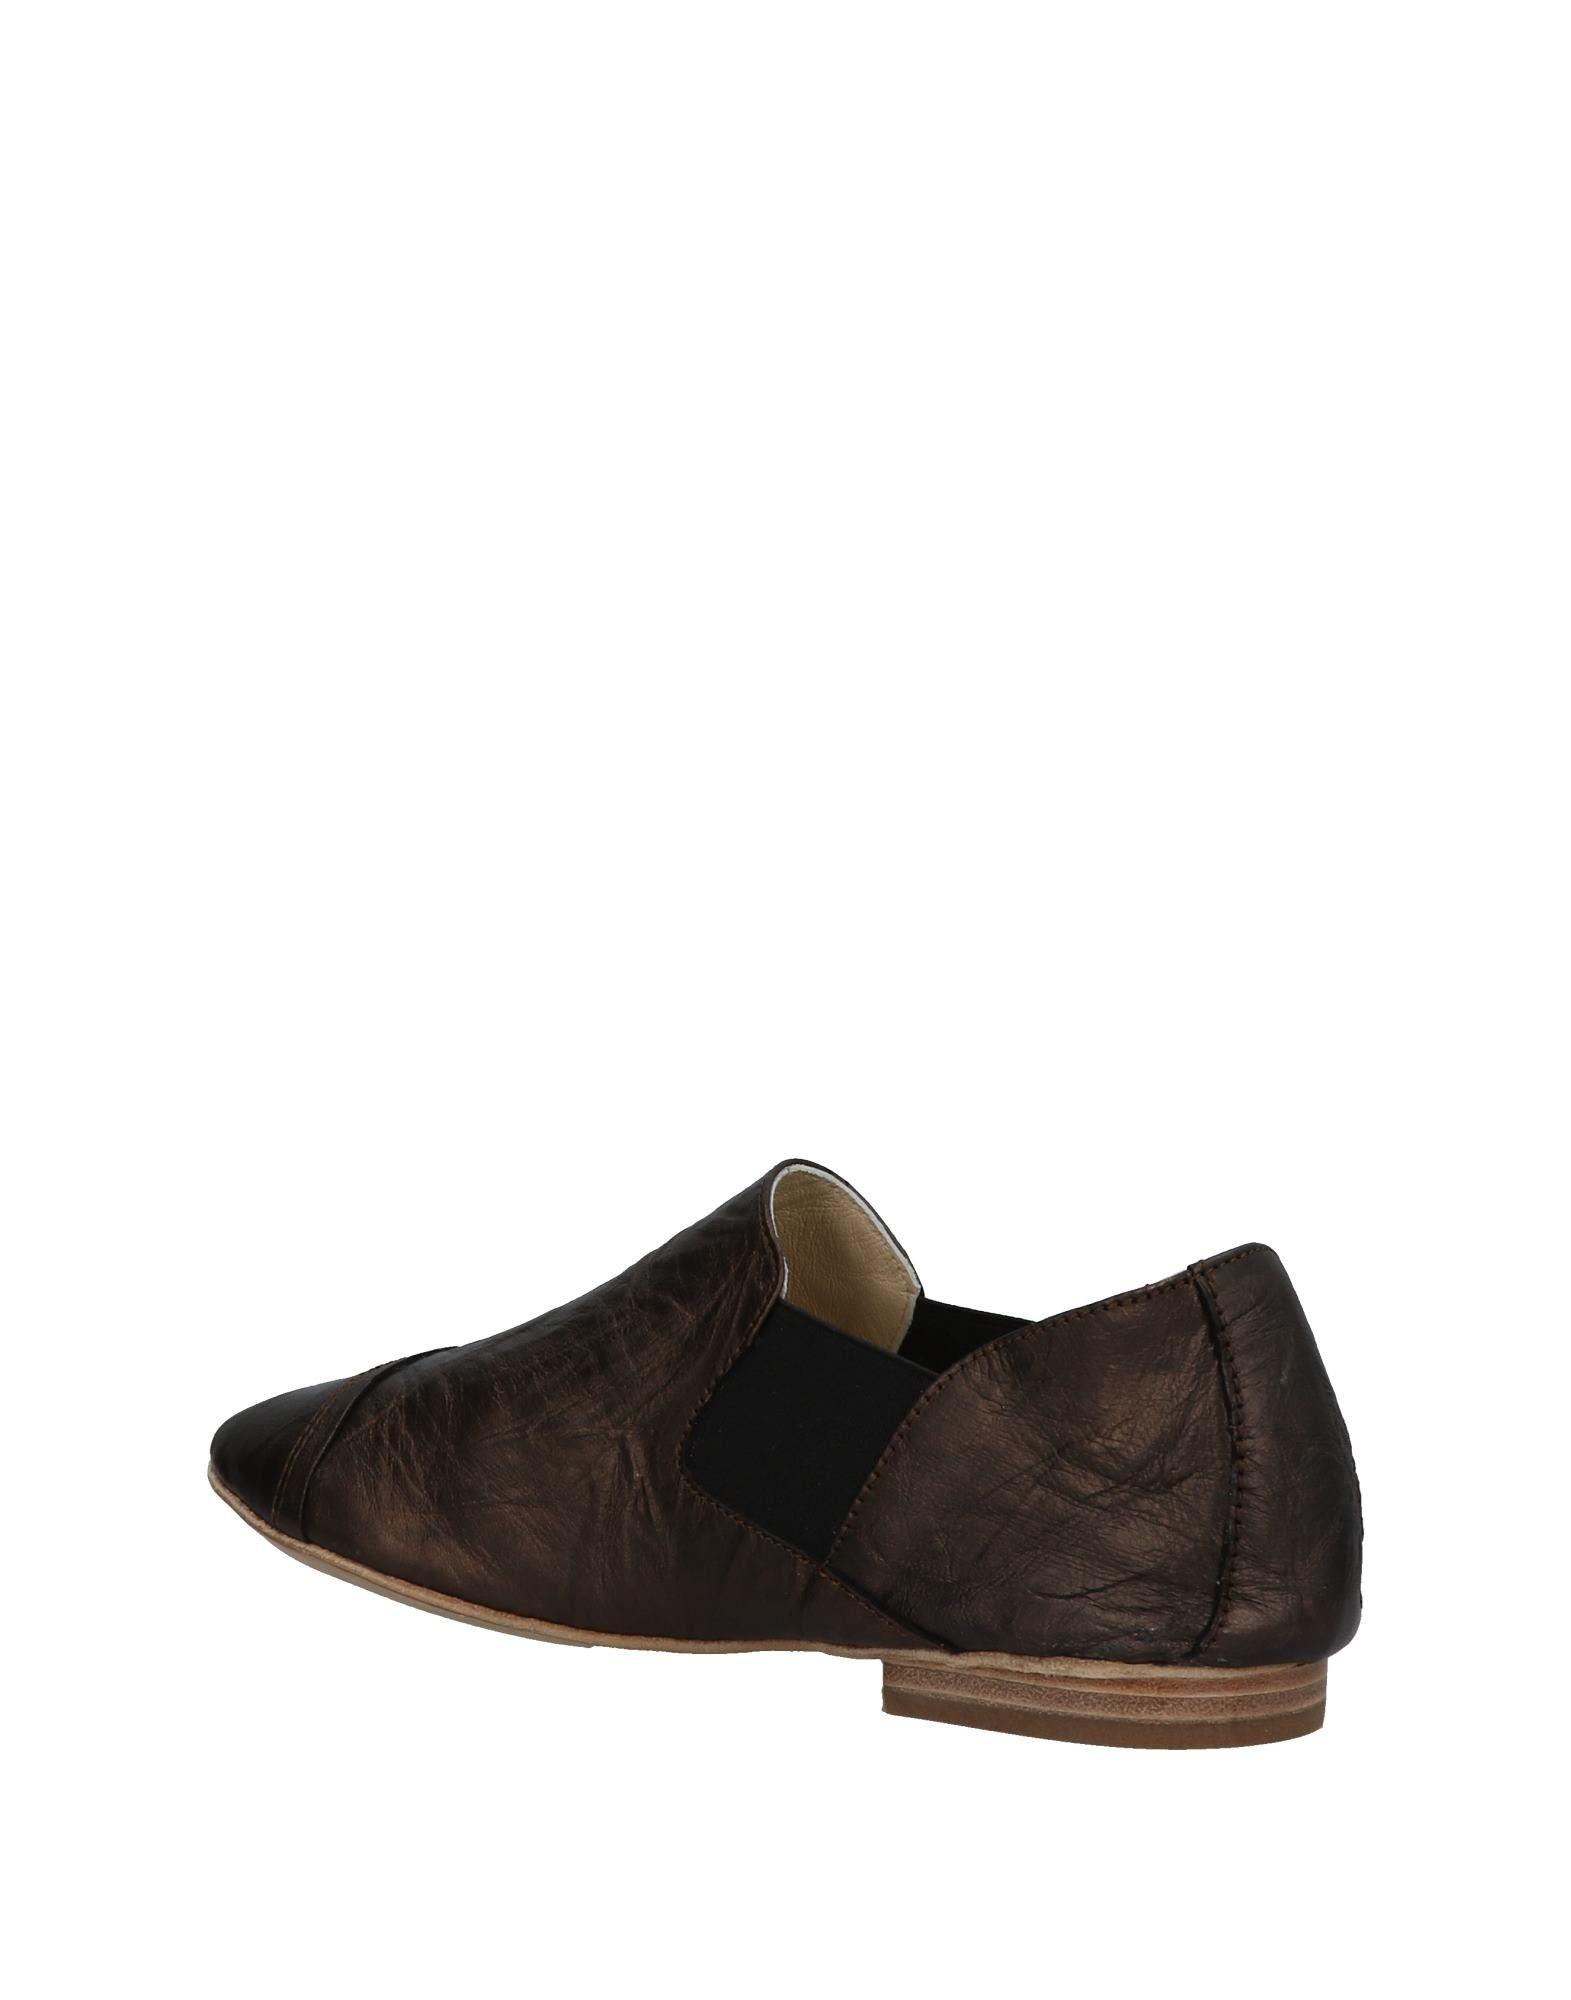 Kudetà Damen Mokassins Damen Kudetà  11434087DE Heiße Schuhe 666e31